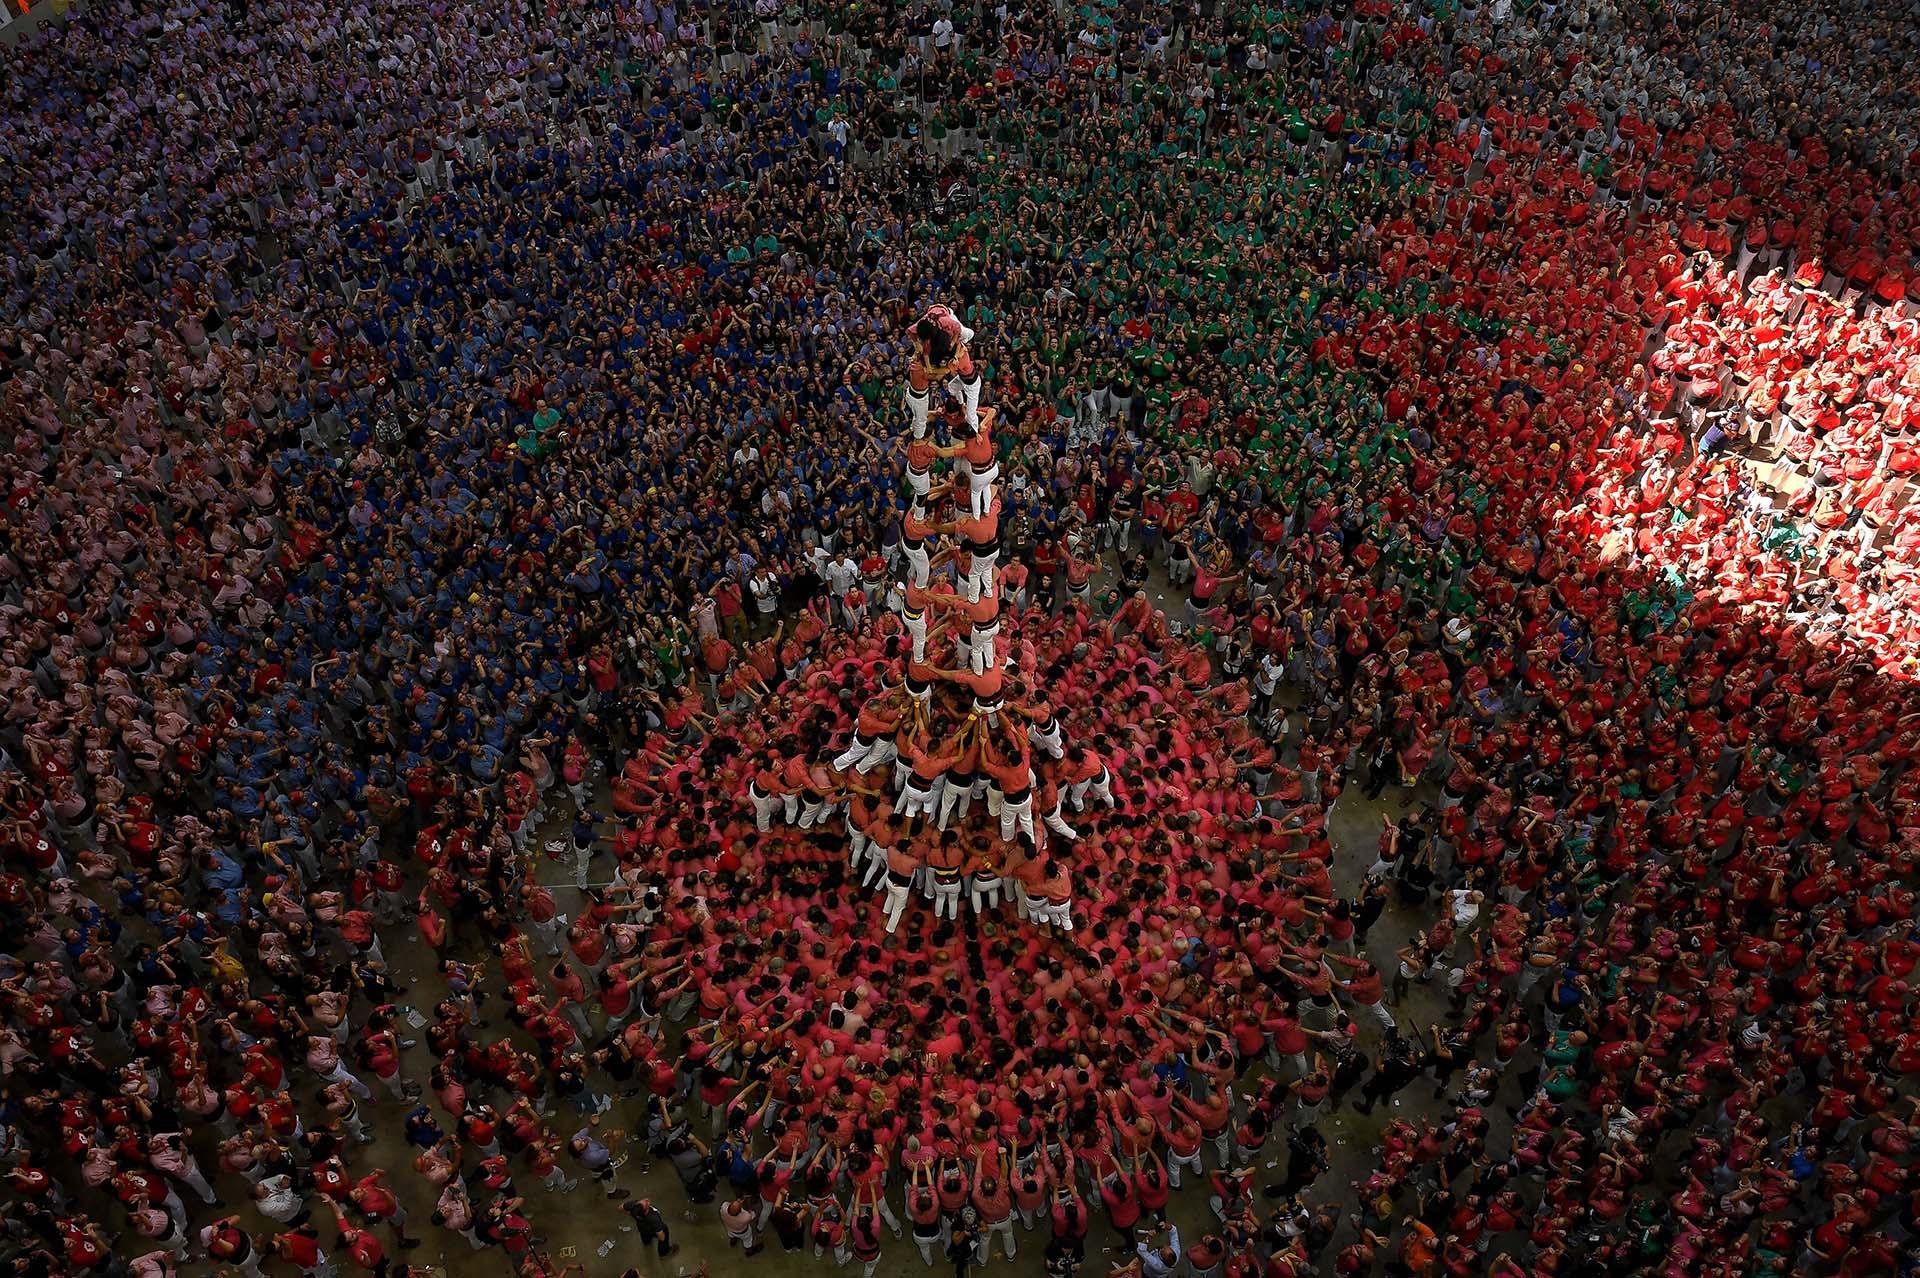 Los miembros del equipo Colla Vella dels Xiquets de Valls formaron un 'castell' (torre humana) y ganaron la competición XXVII 'castells' en Tarragona, el 7 de octubre